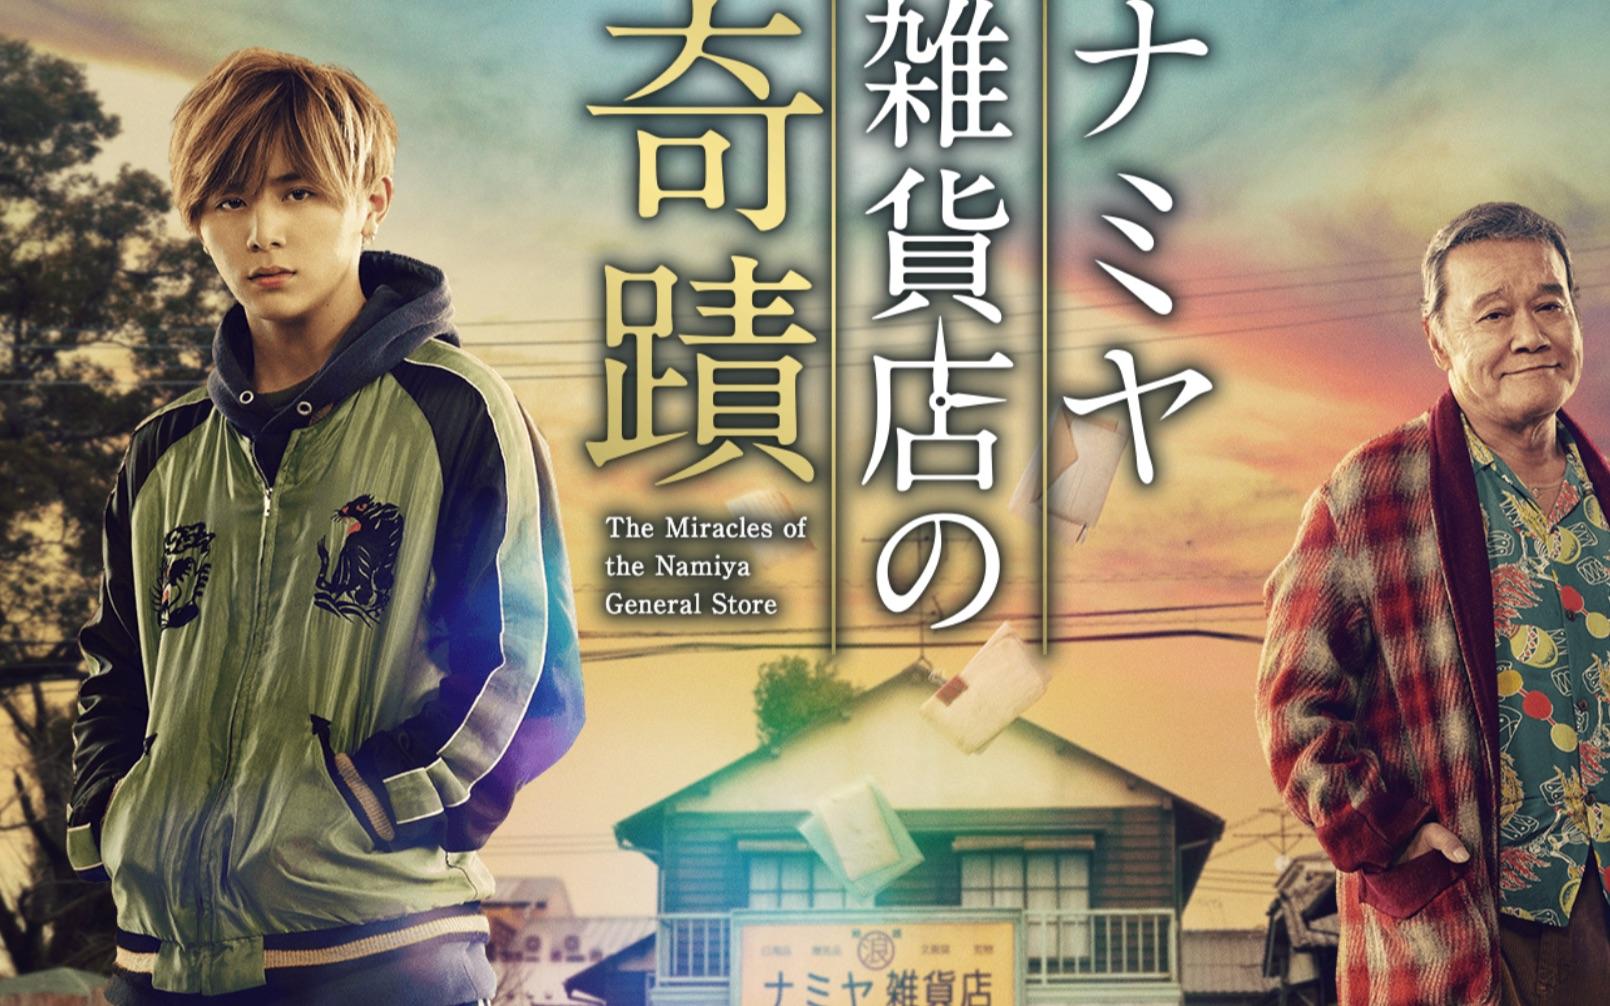 乐园2019日本电影剧情